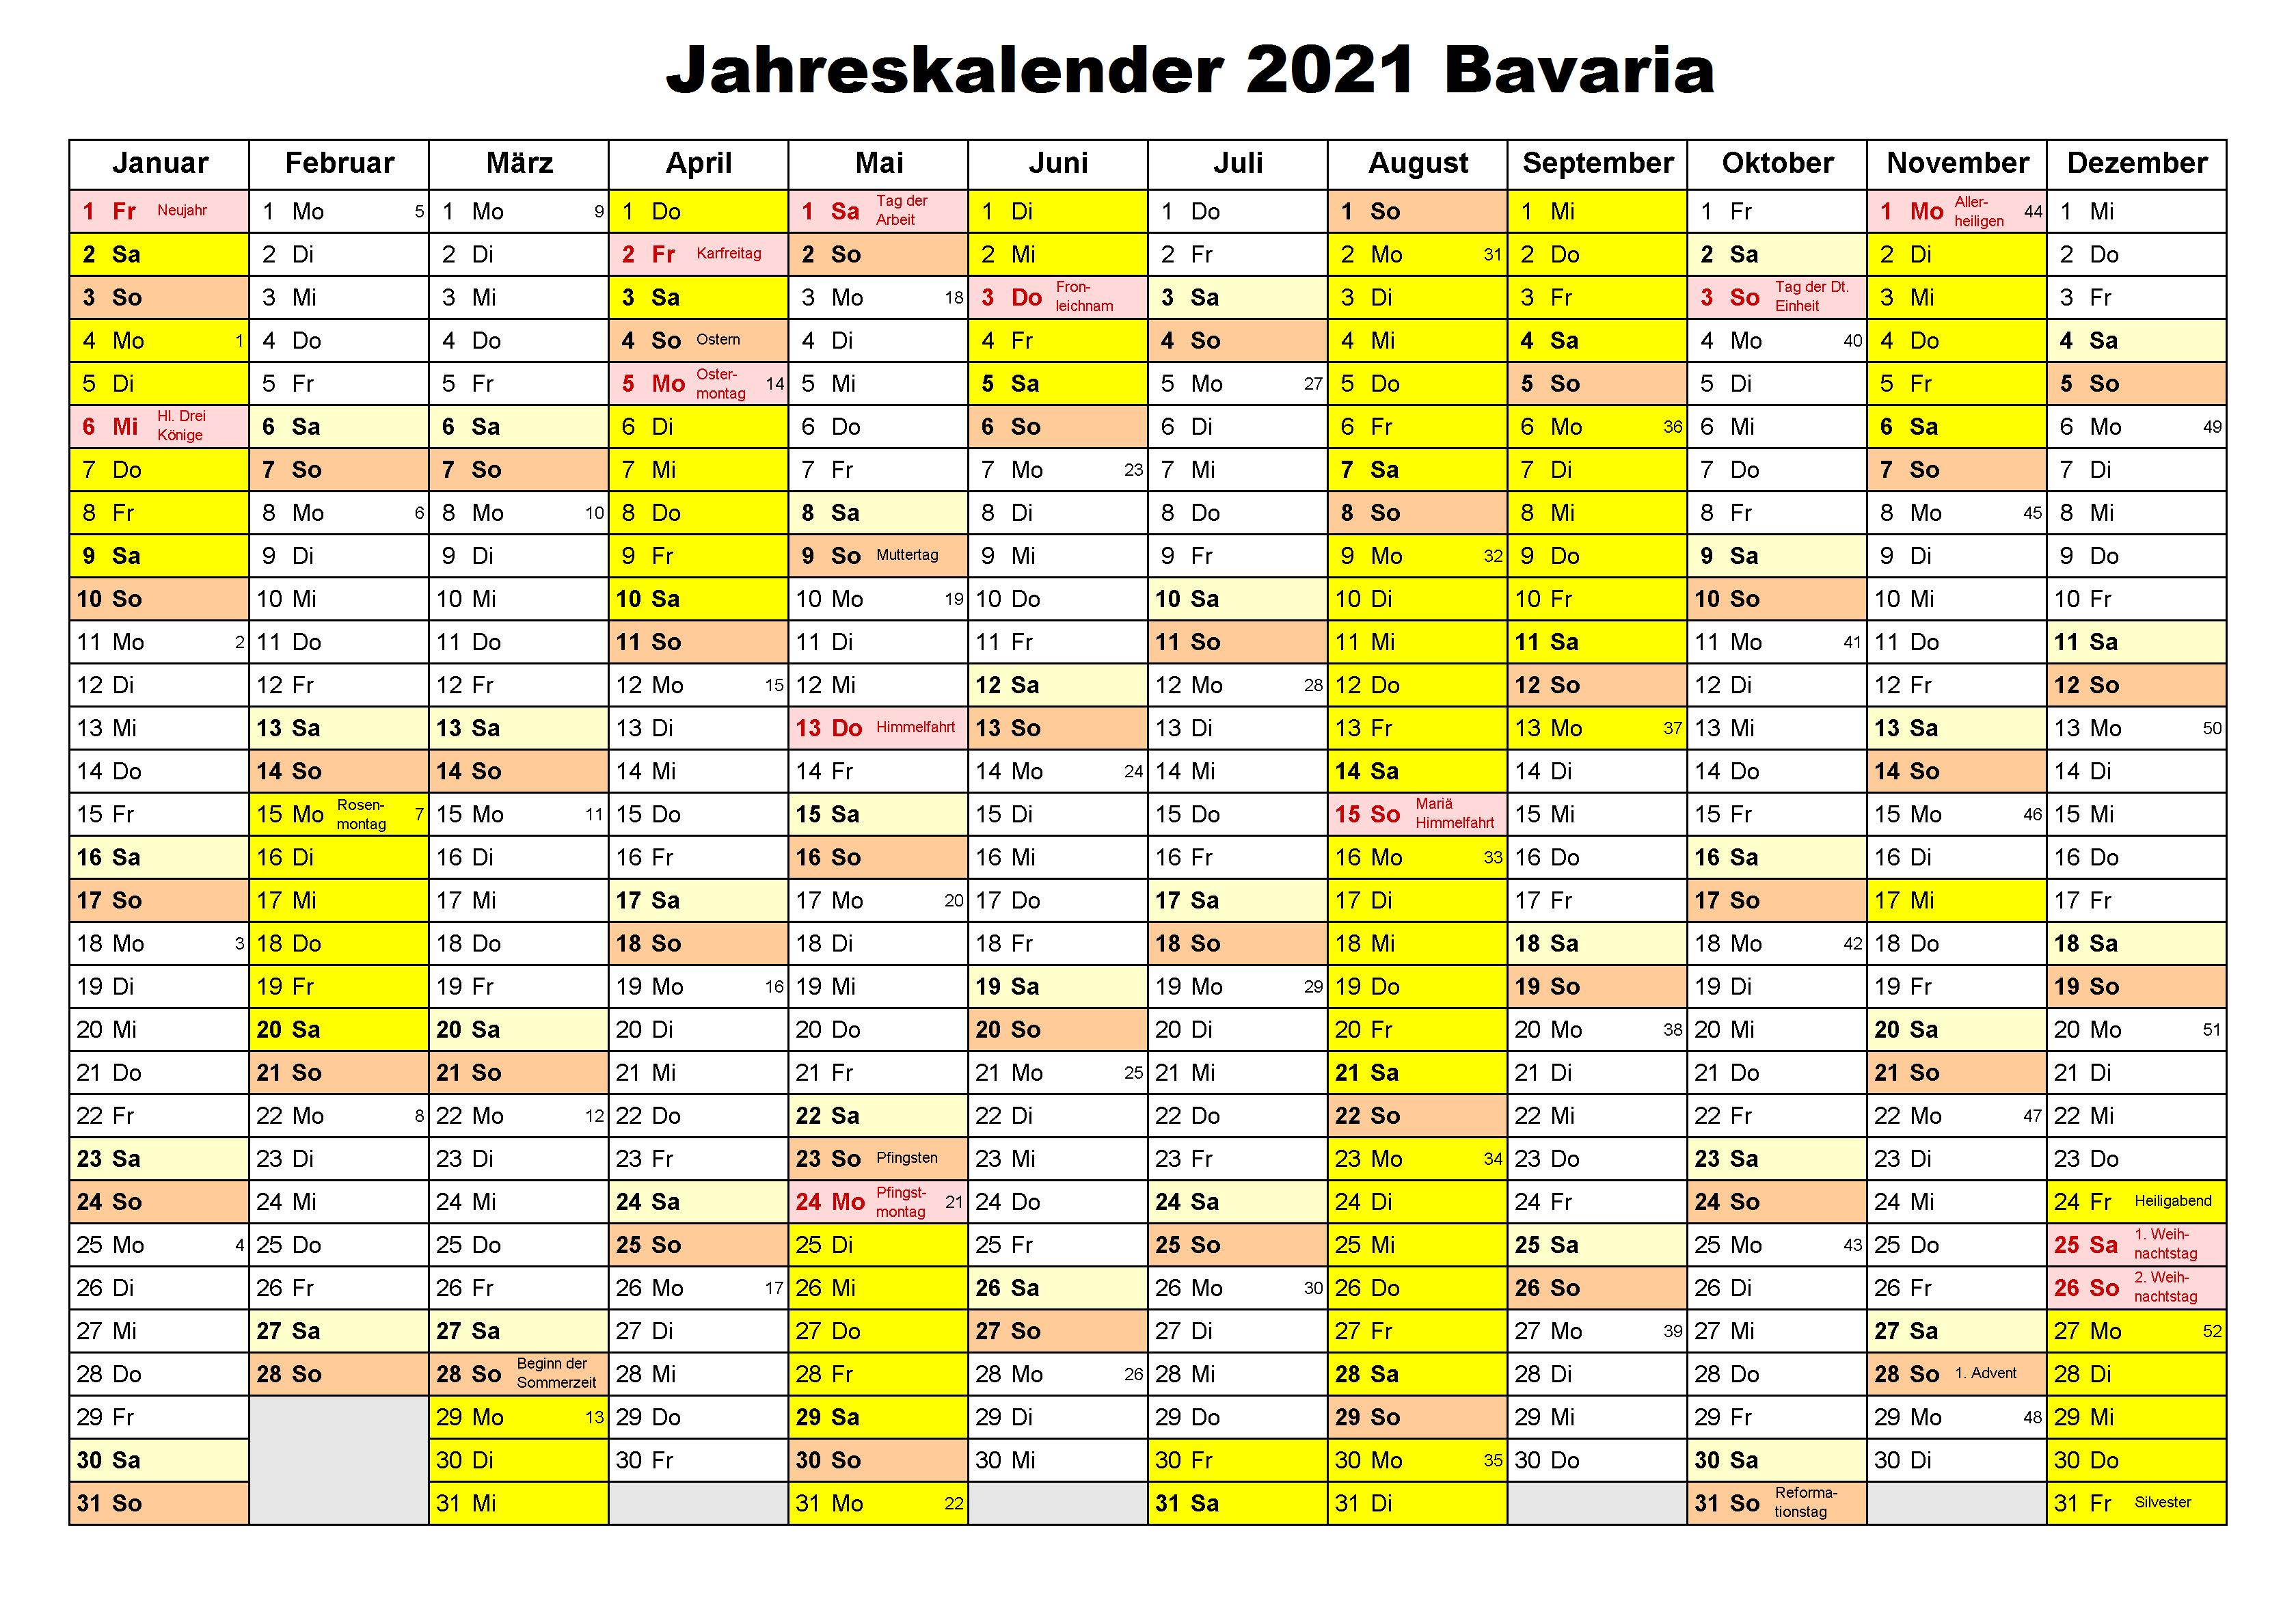 Jahreskalender 2021 Bavaria PDF